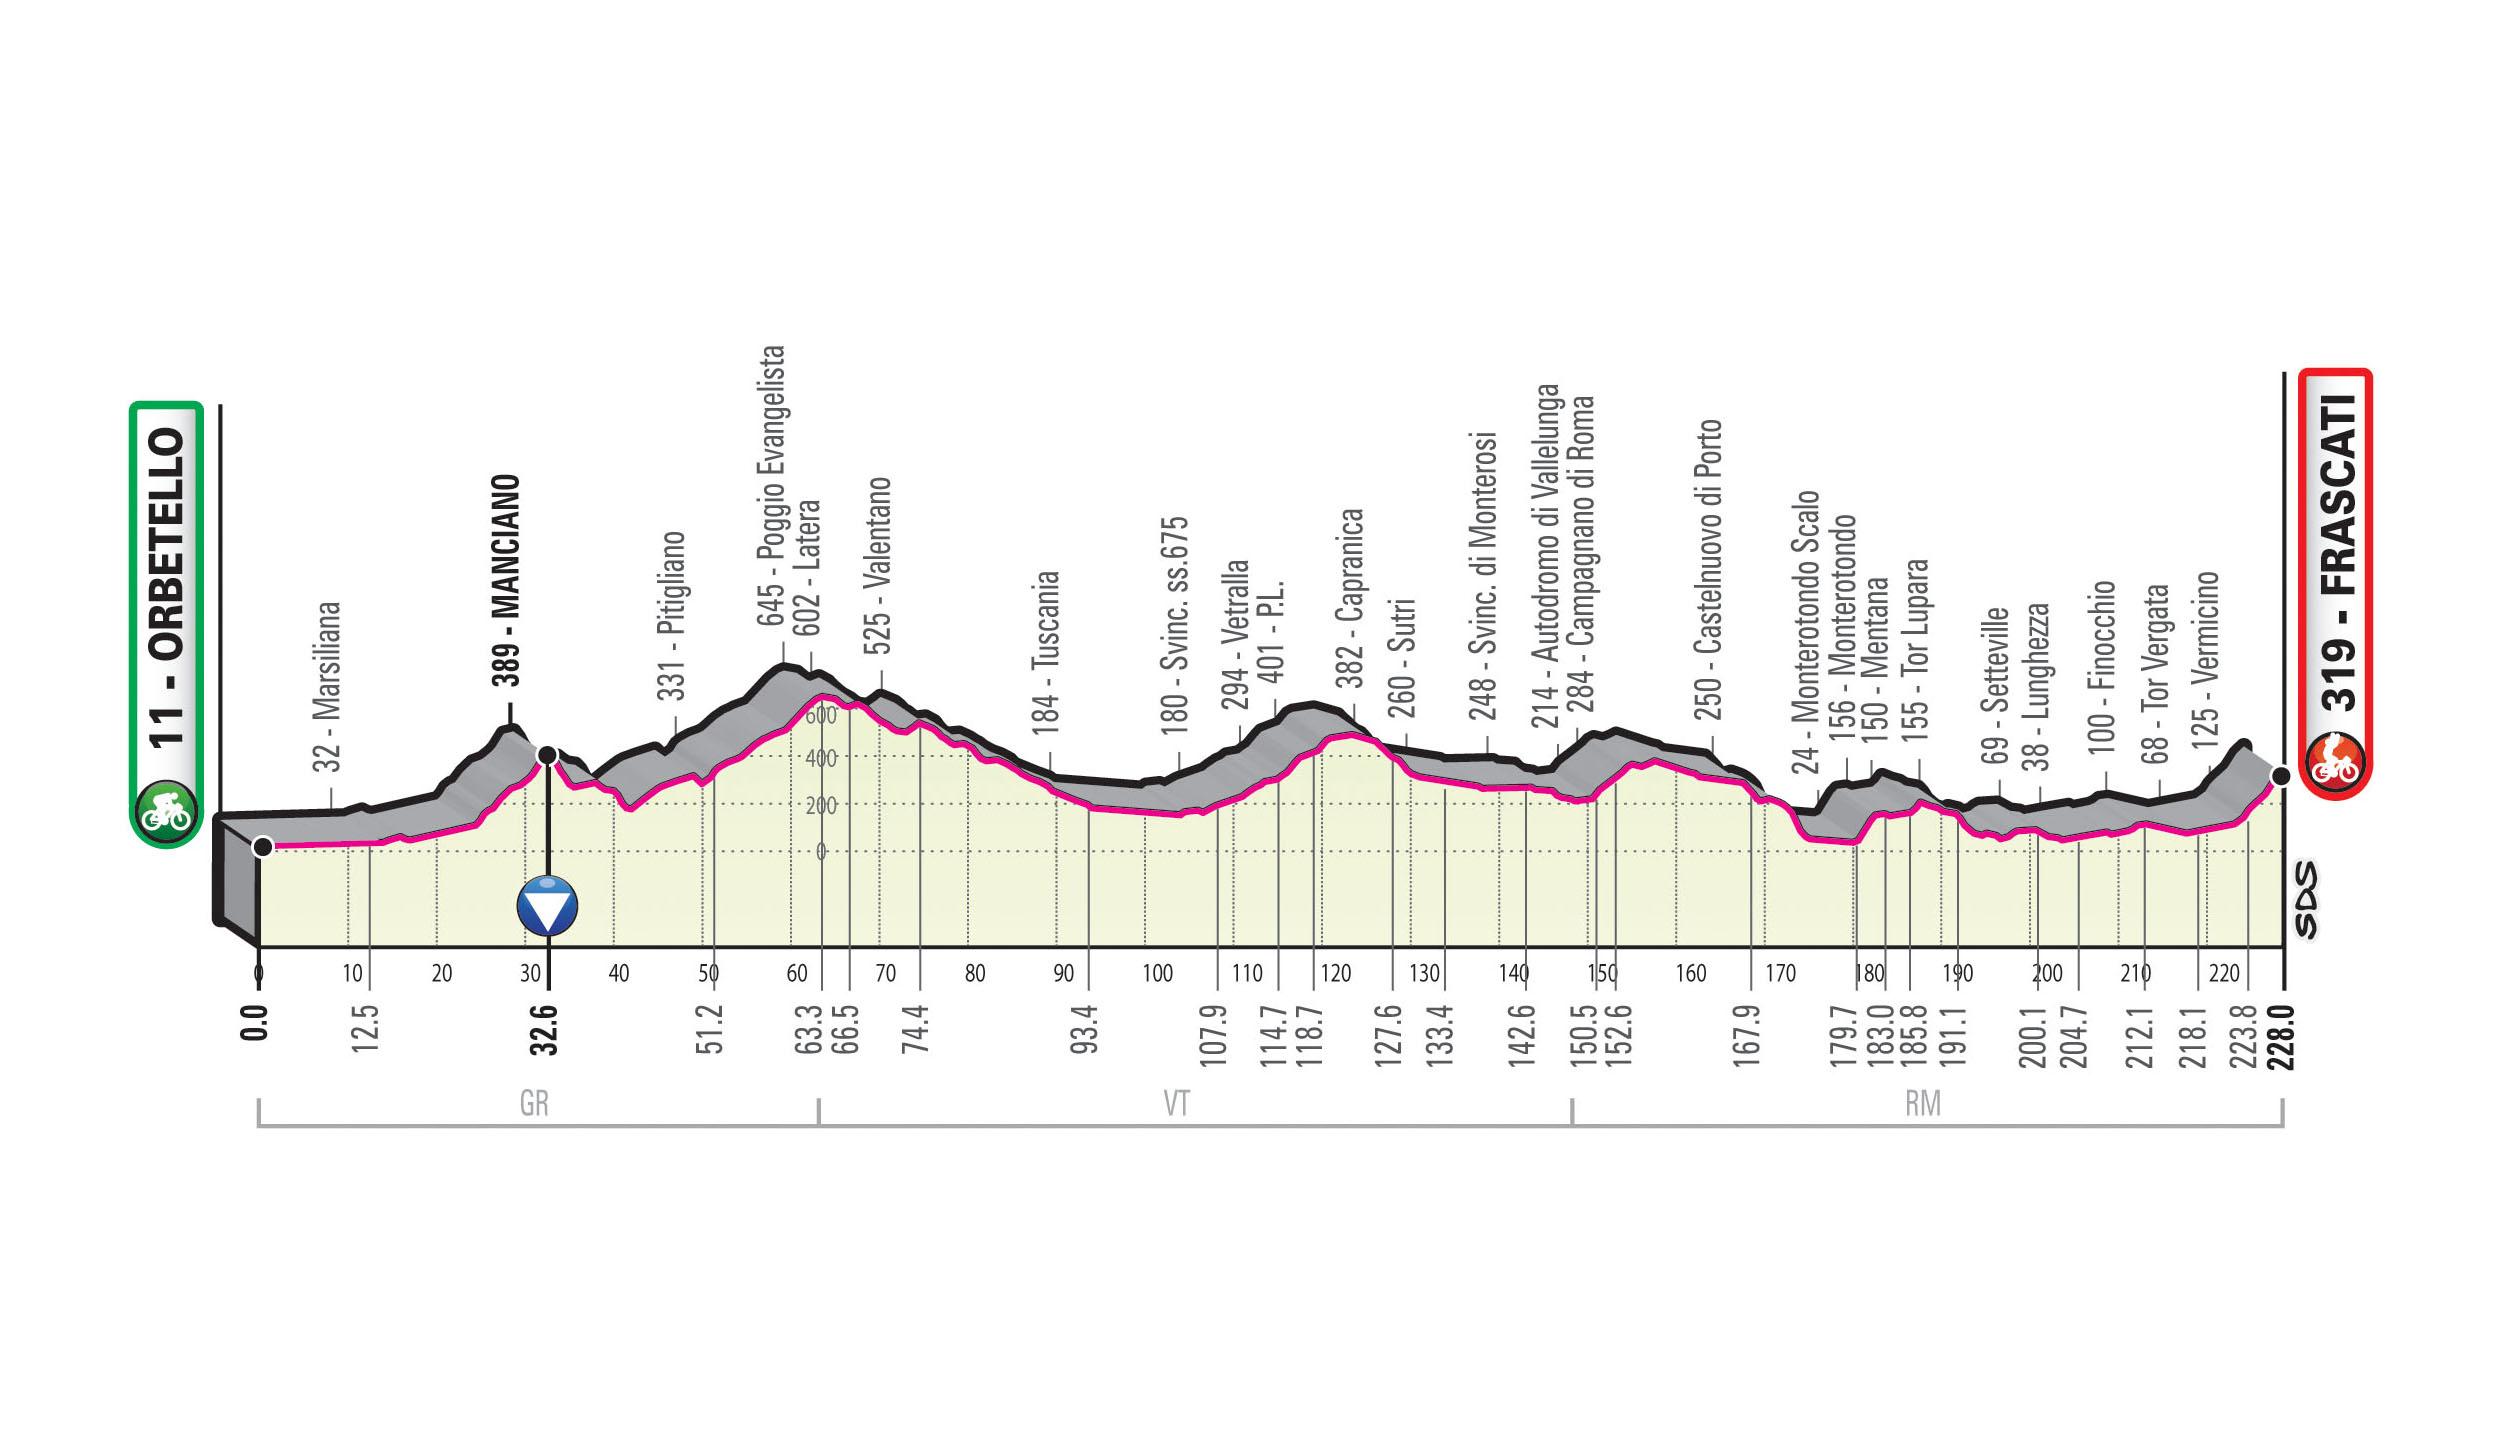 Spoznajmo Giro: Dolg dan s ciljnim vzponom